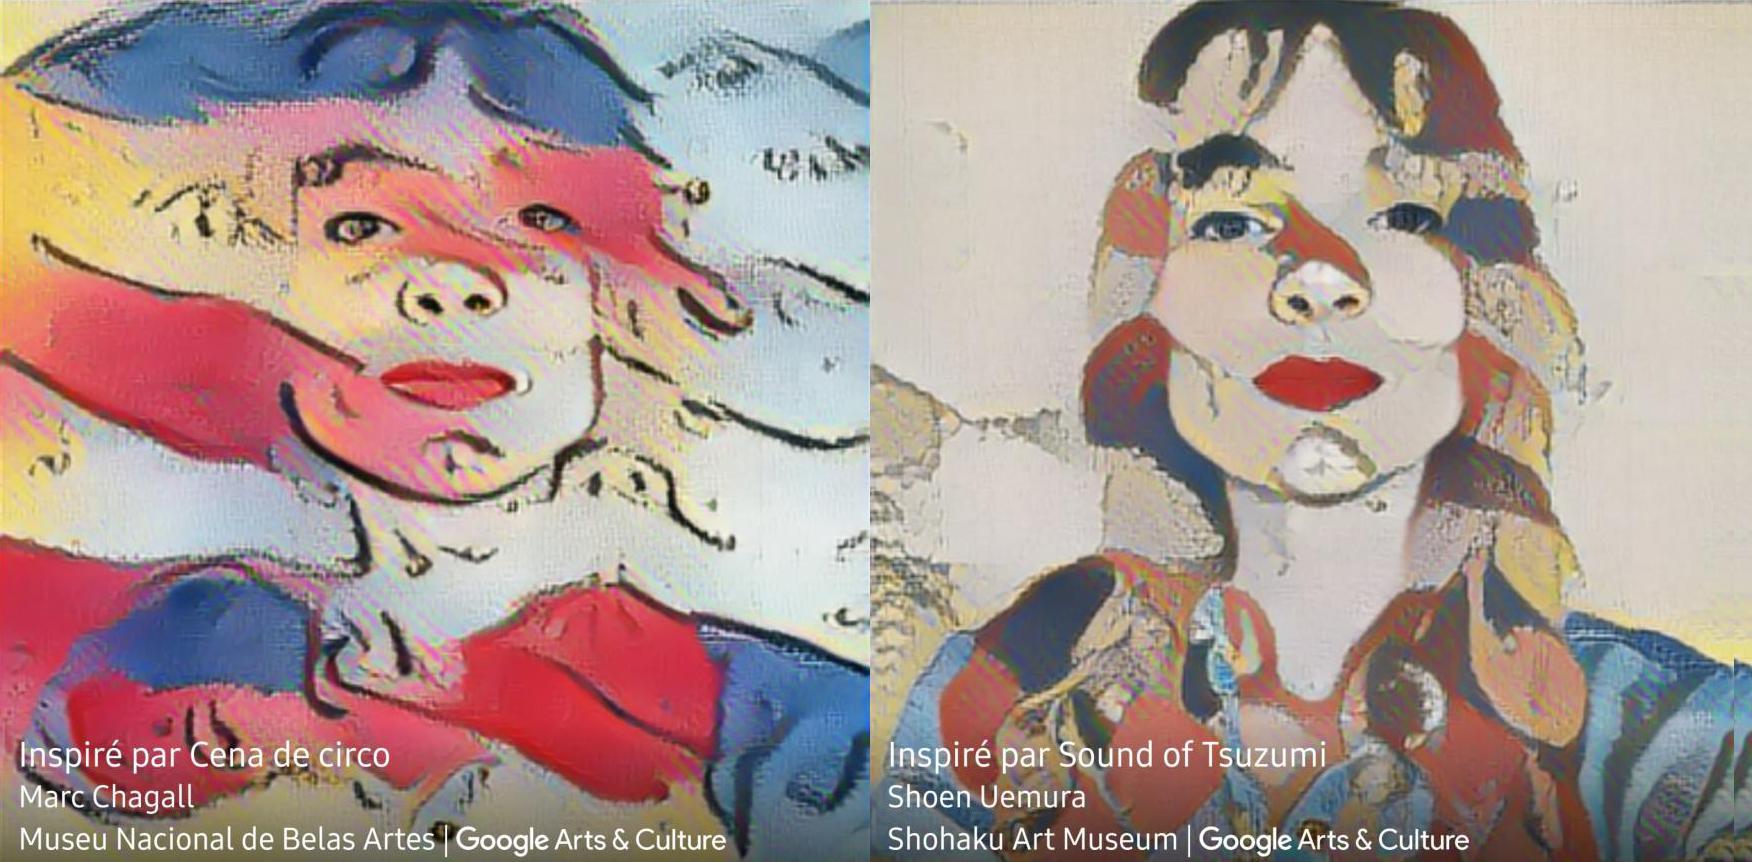 Transfórmate en una pintura de Frida Kahlo o de Van Gogh gracias a esta app de Inteligencia Artificial